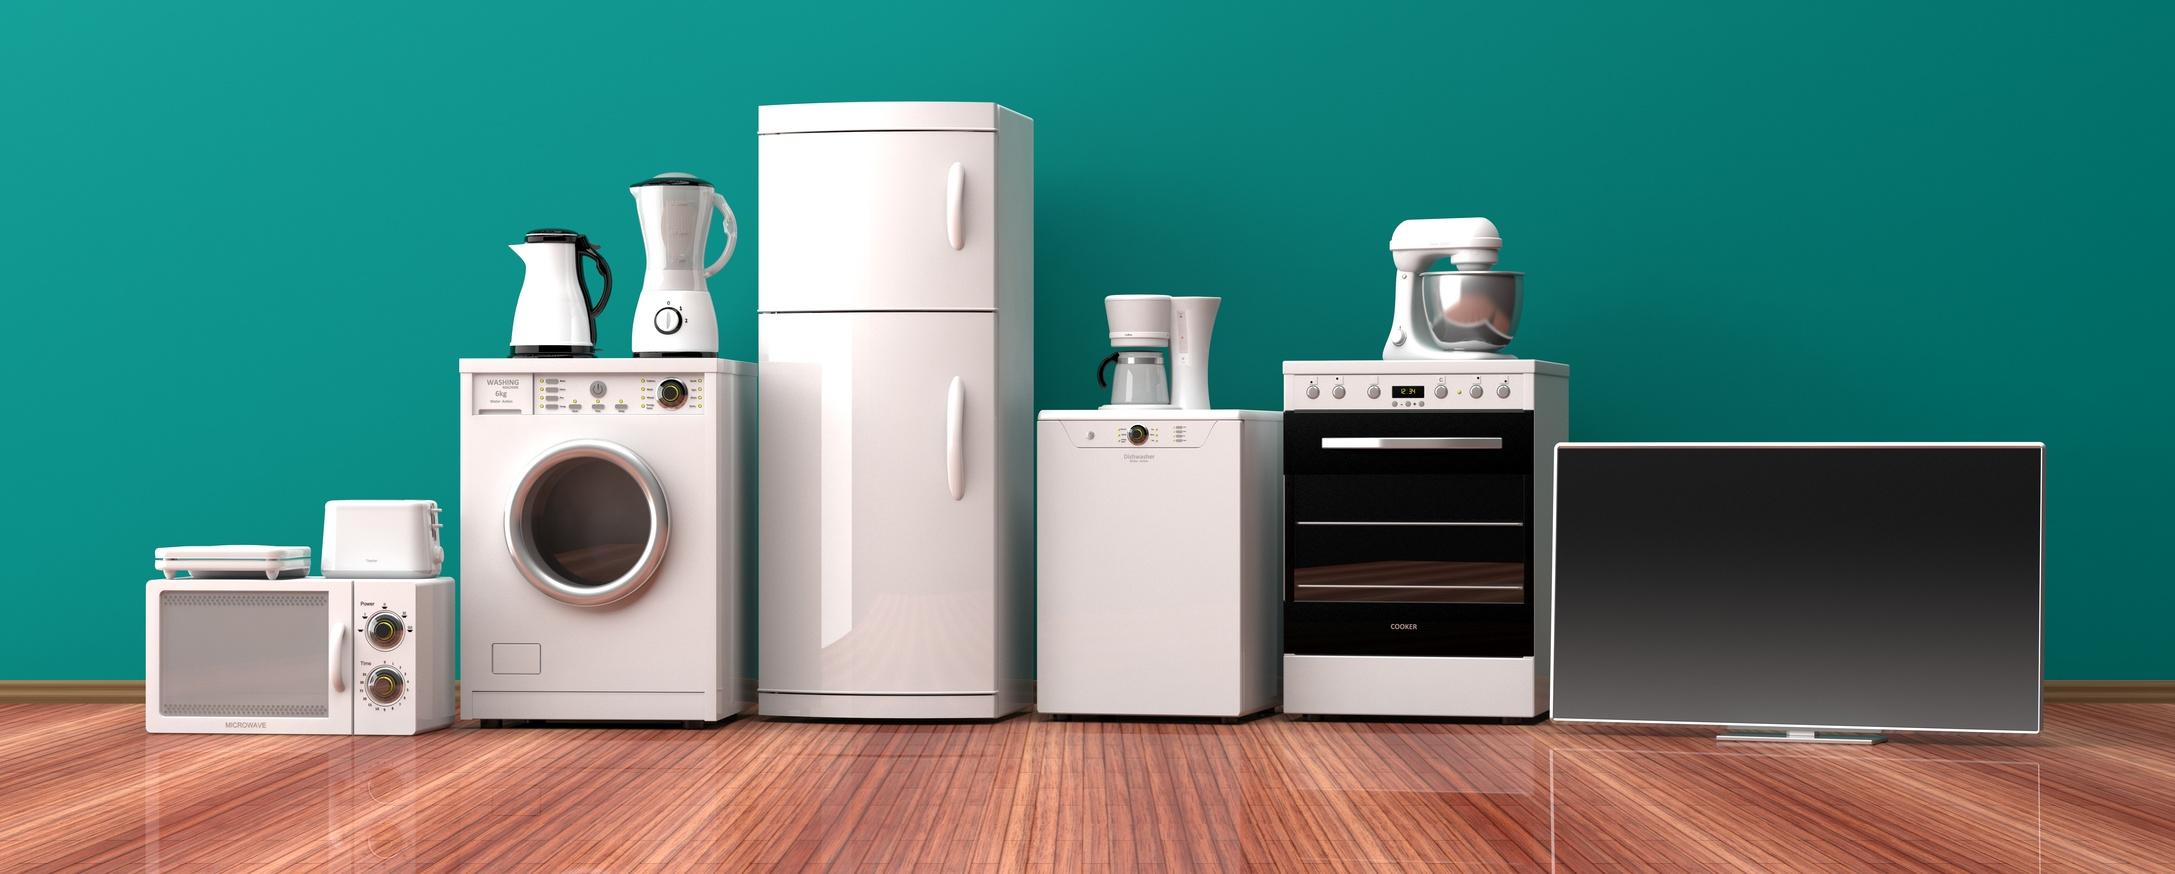 Elettrodomestici: tutte le marche più affidabili sul lungo periodo